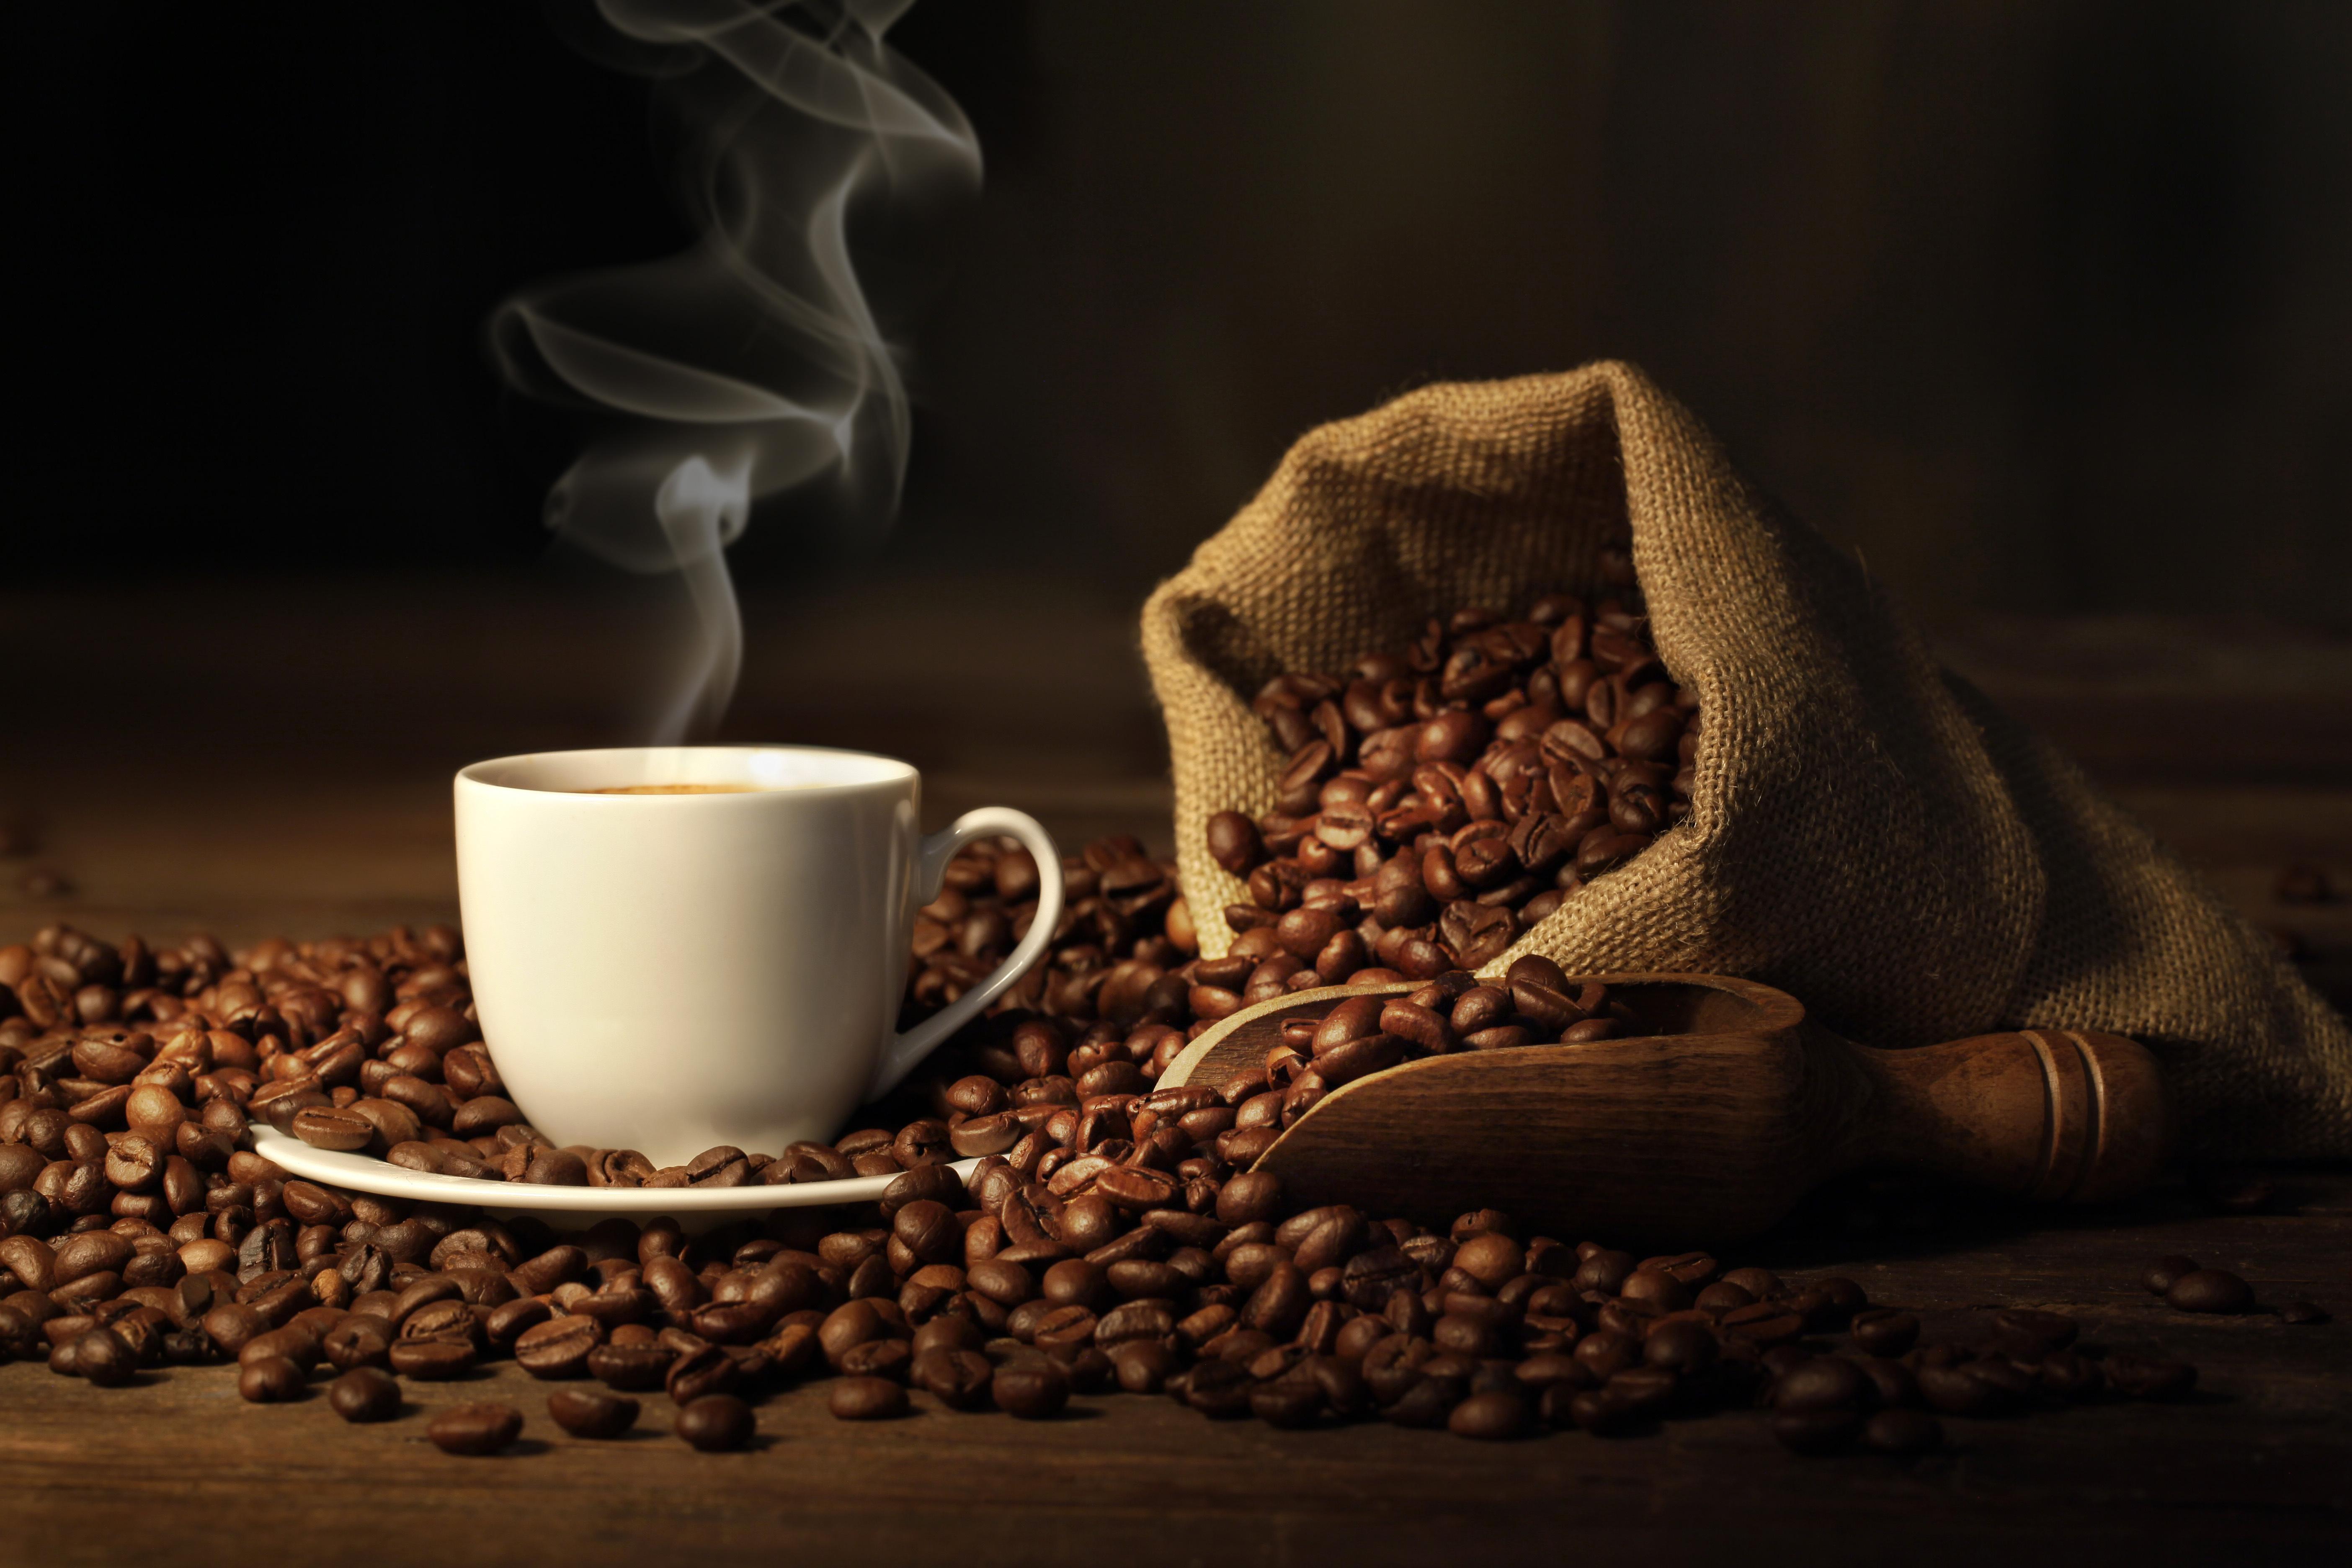 Чашка кофе с зернами  № 2153095 загрузить